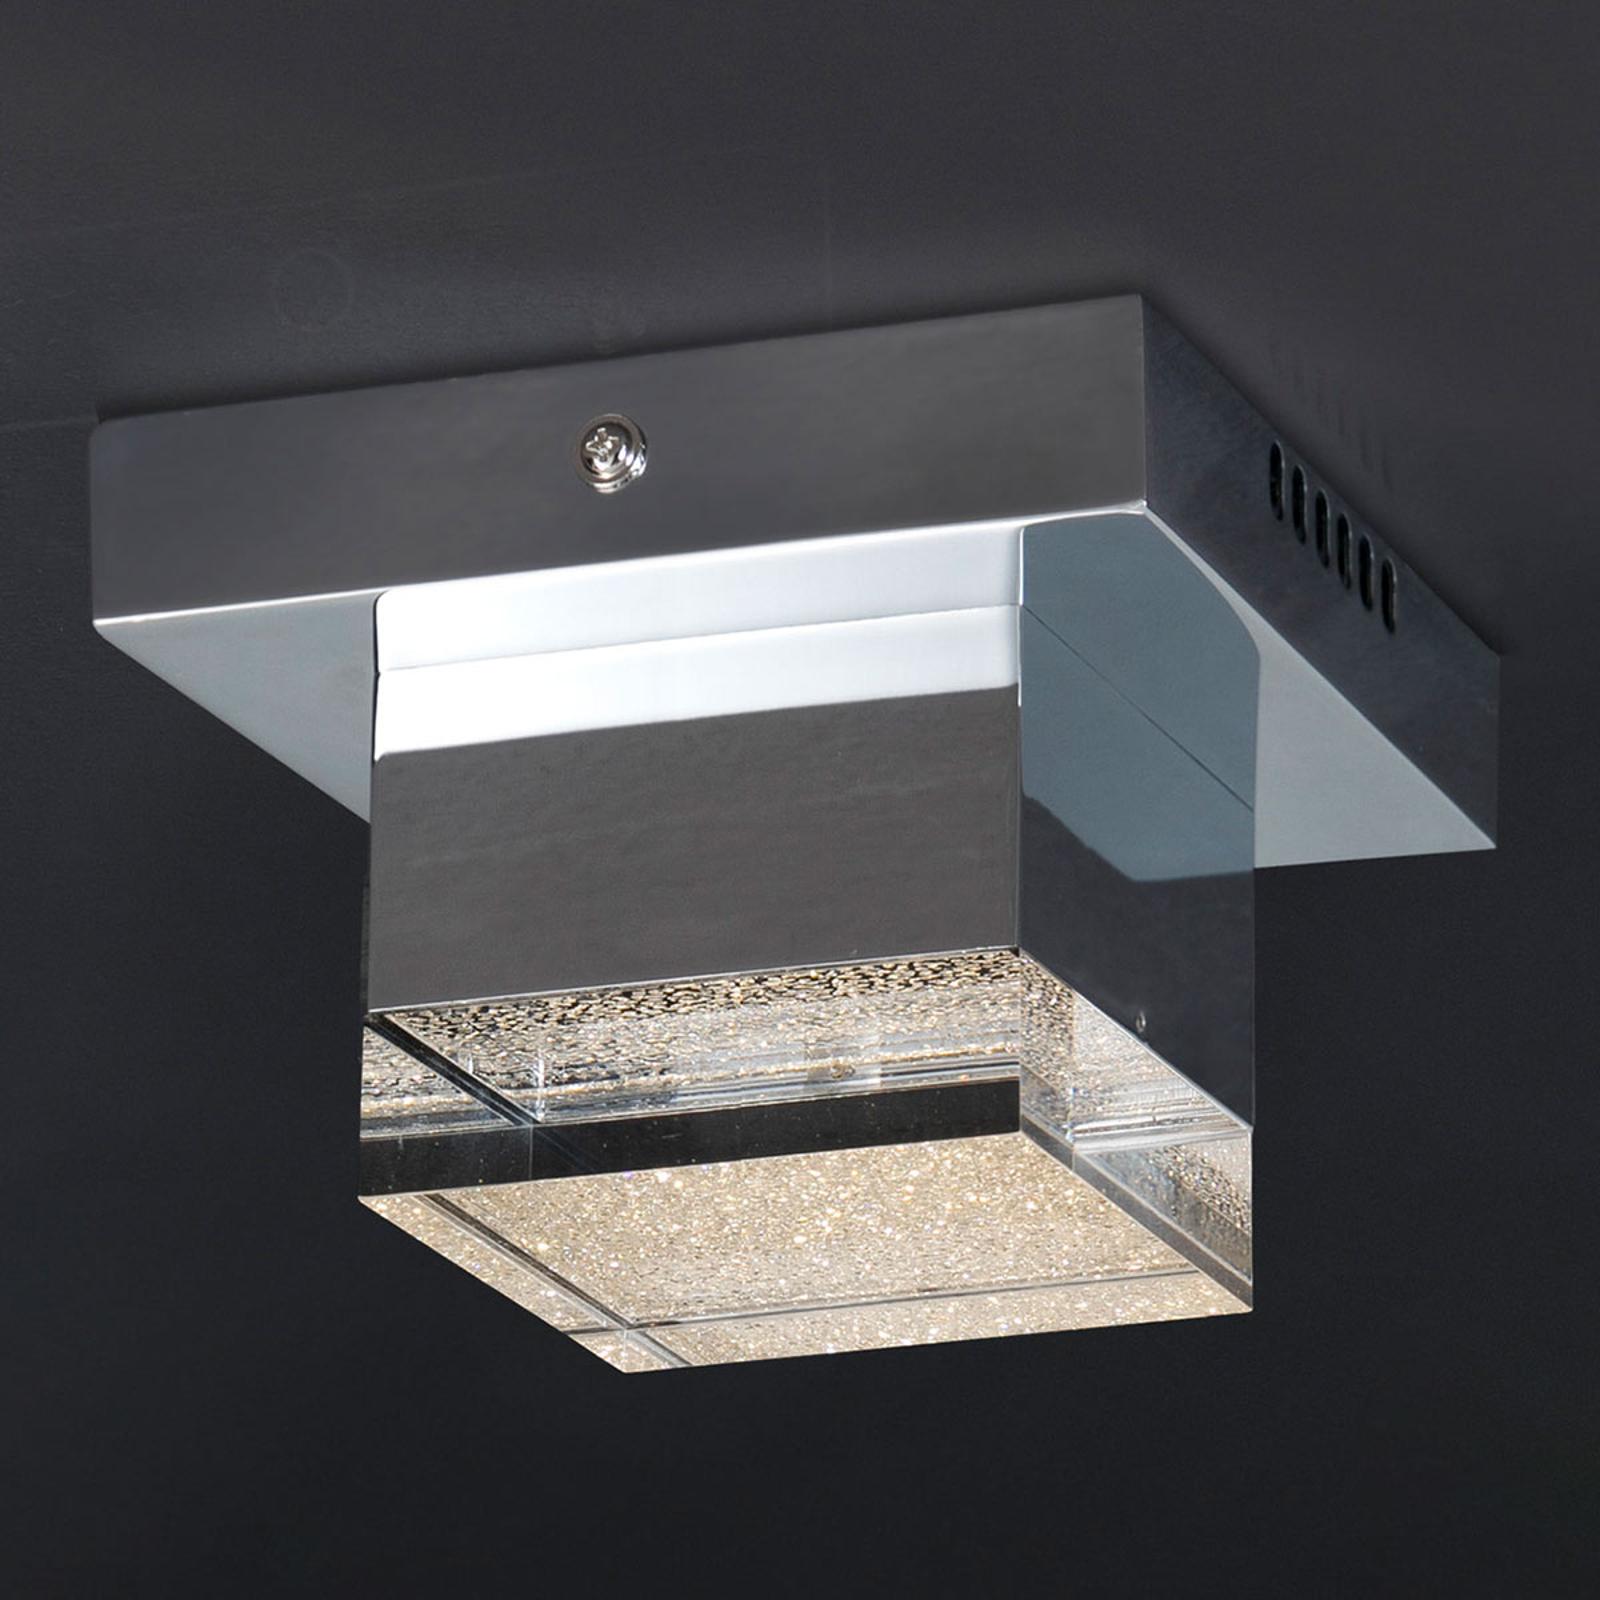 LED-kattovalaisin, Prisma, yksilamppuinen